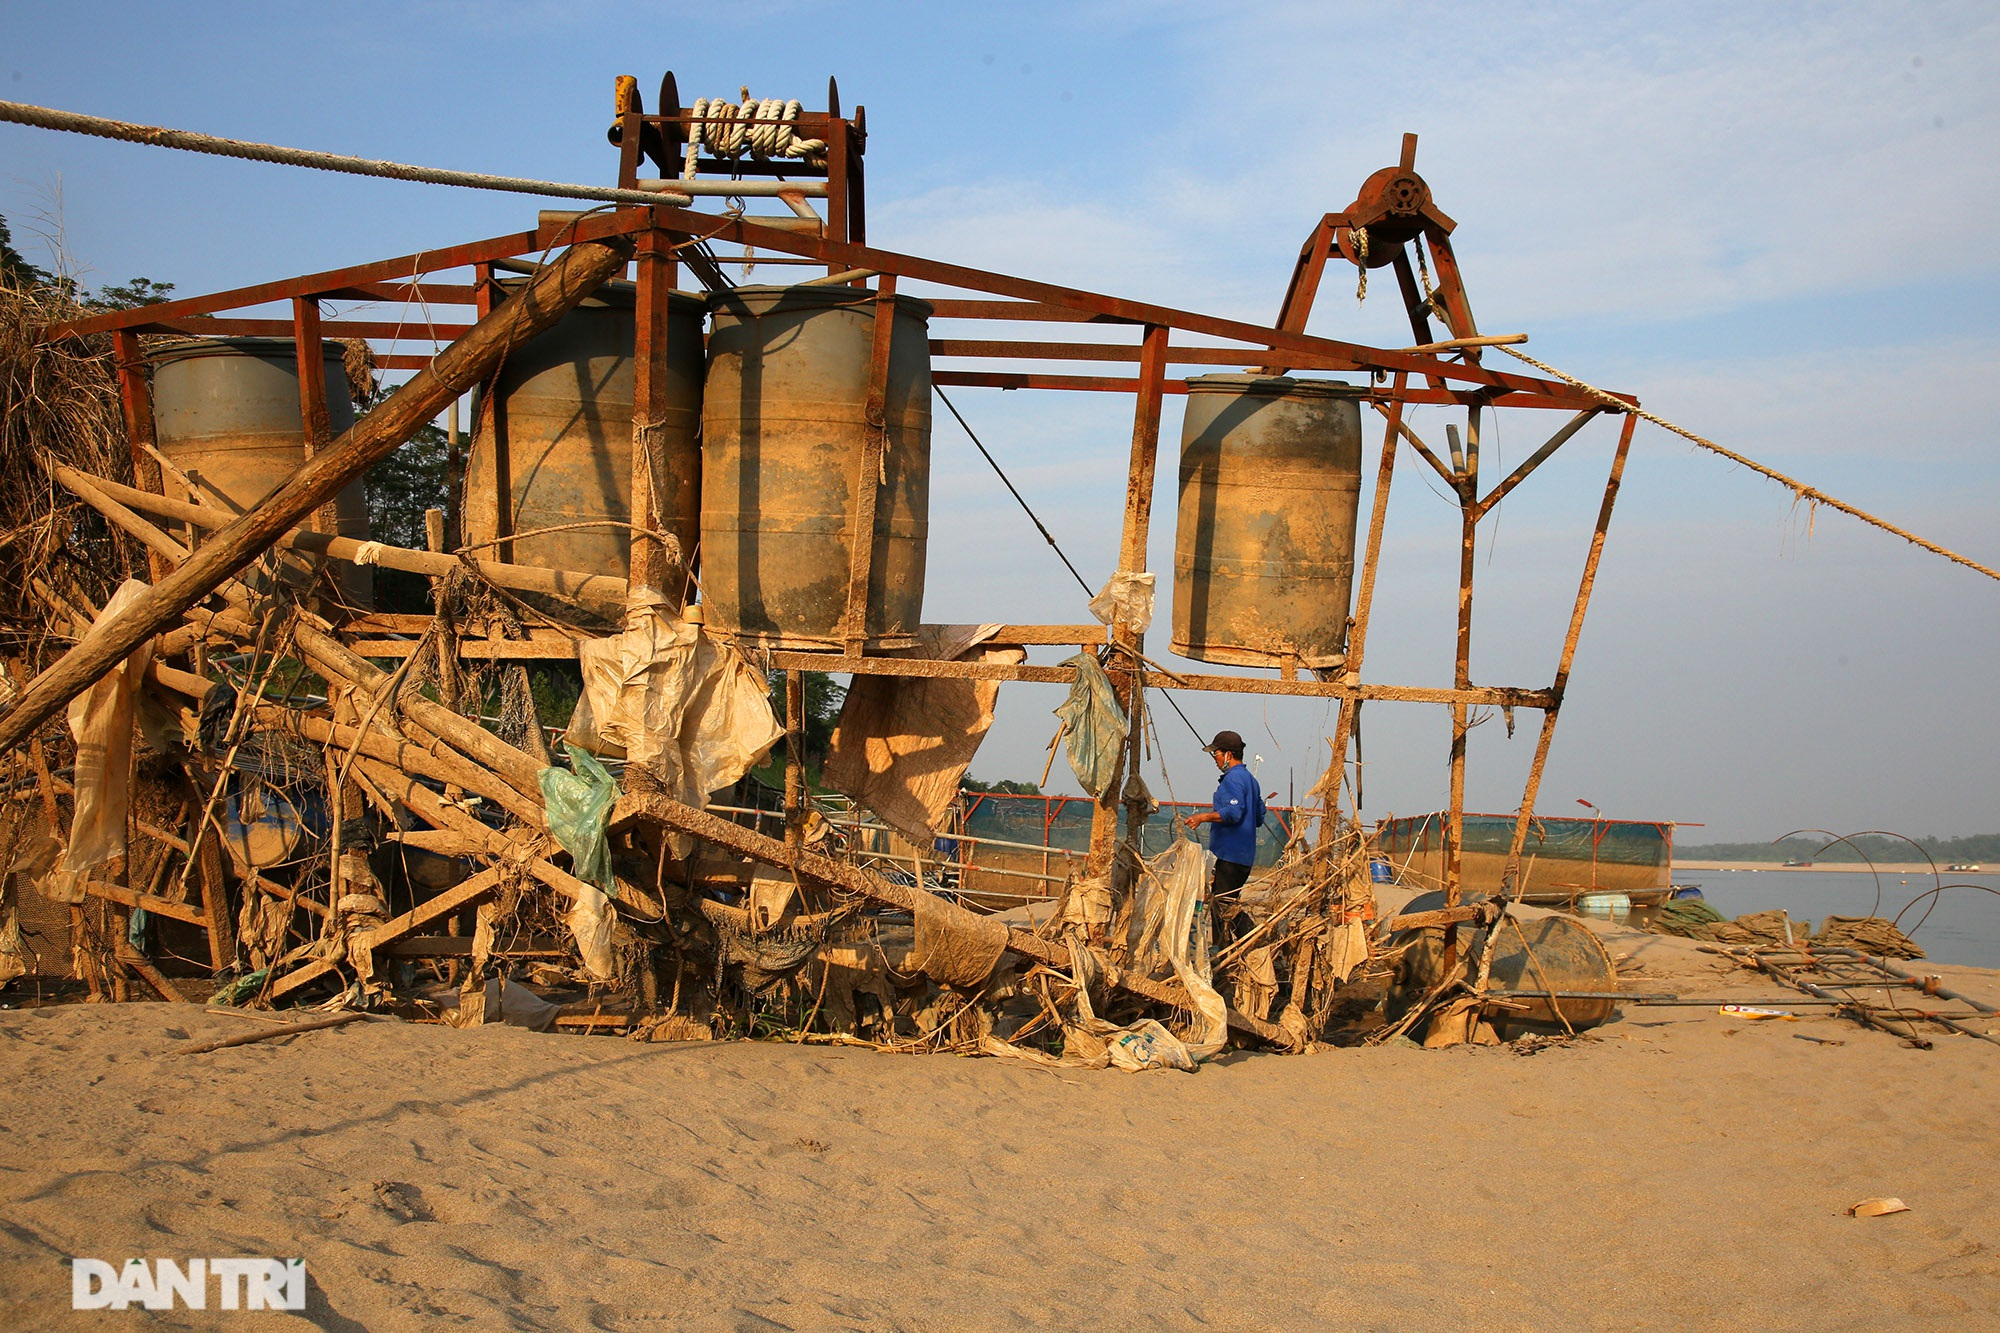 Sông Đà cạn trơ đáy, nông dân hối hả bơm cát cứu cá - 9